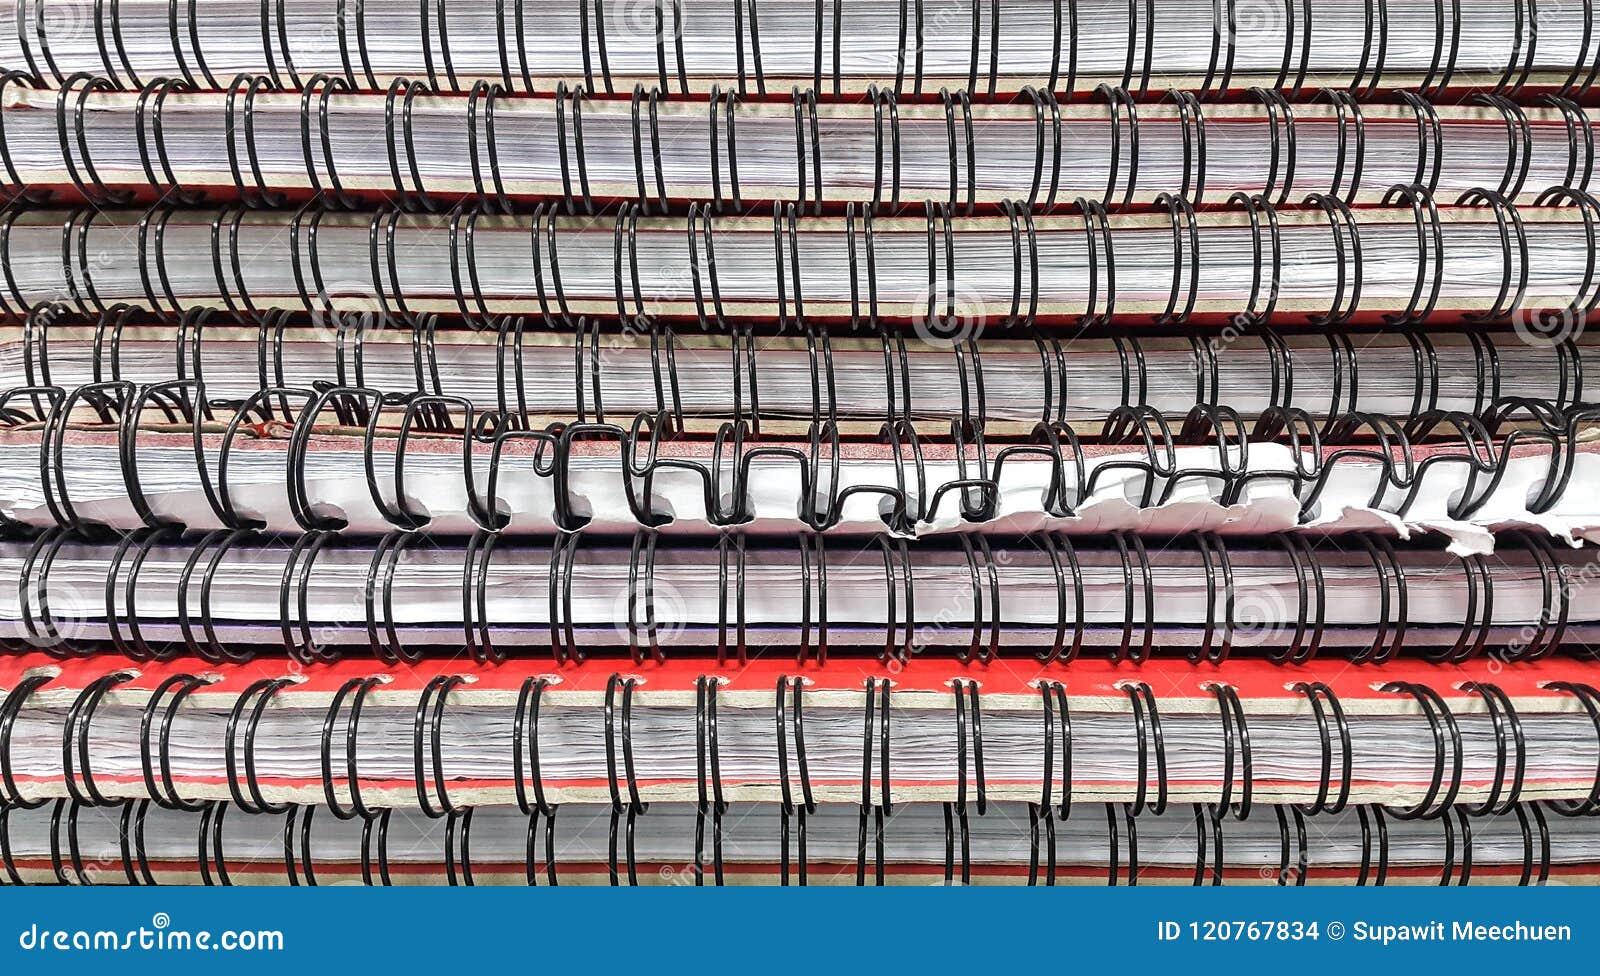 Stapel notitieboekjes op de lijst in bibliotheekruimte